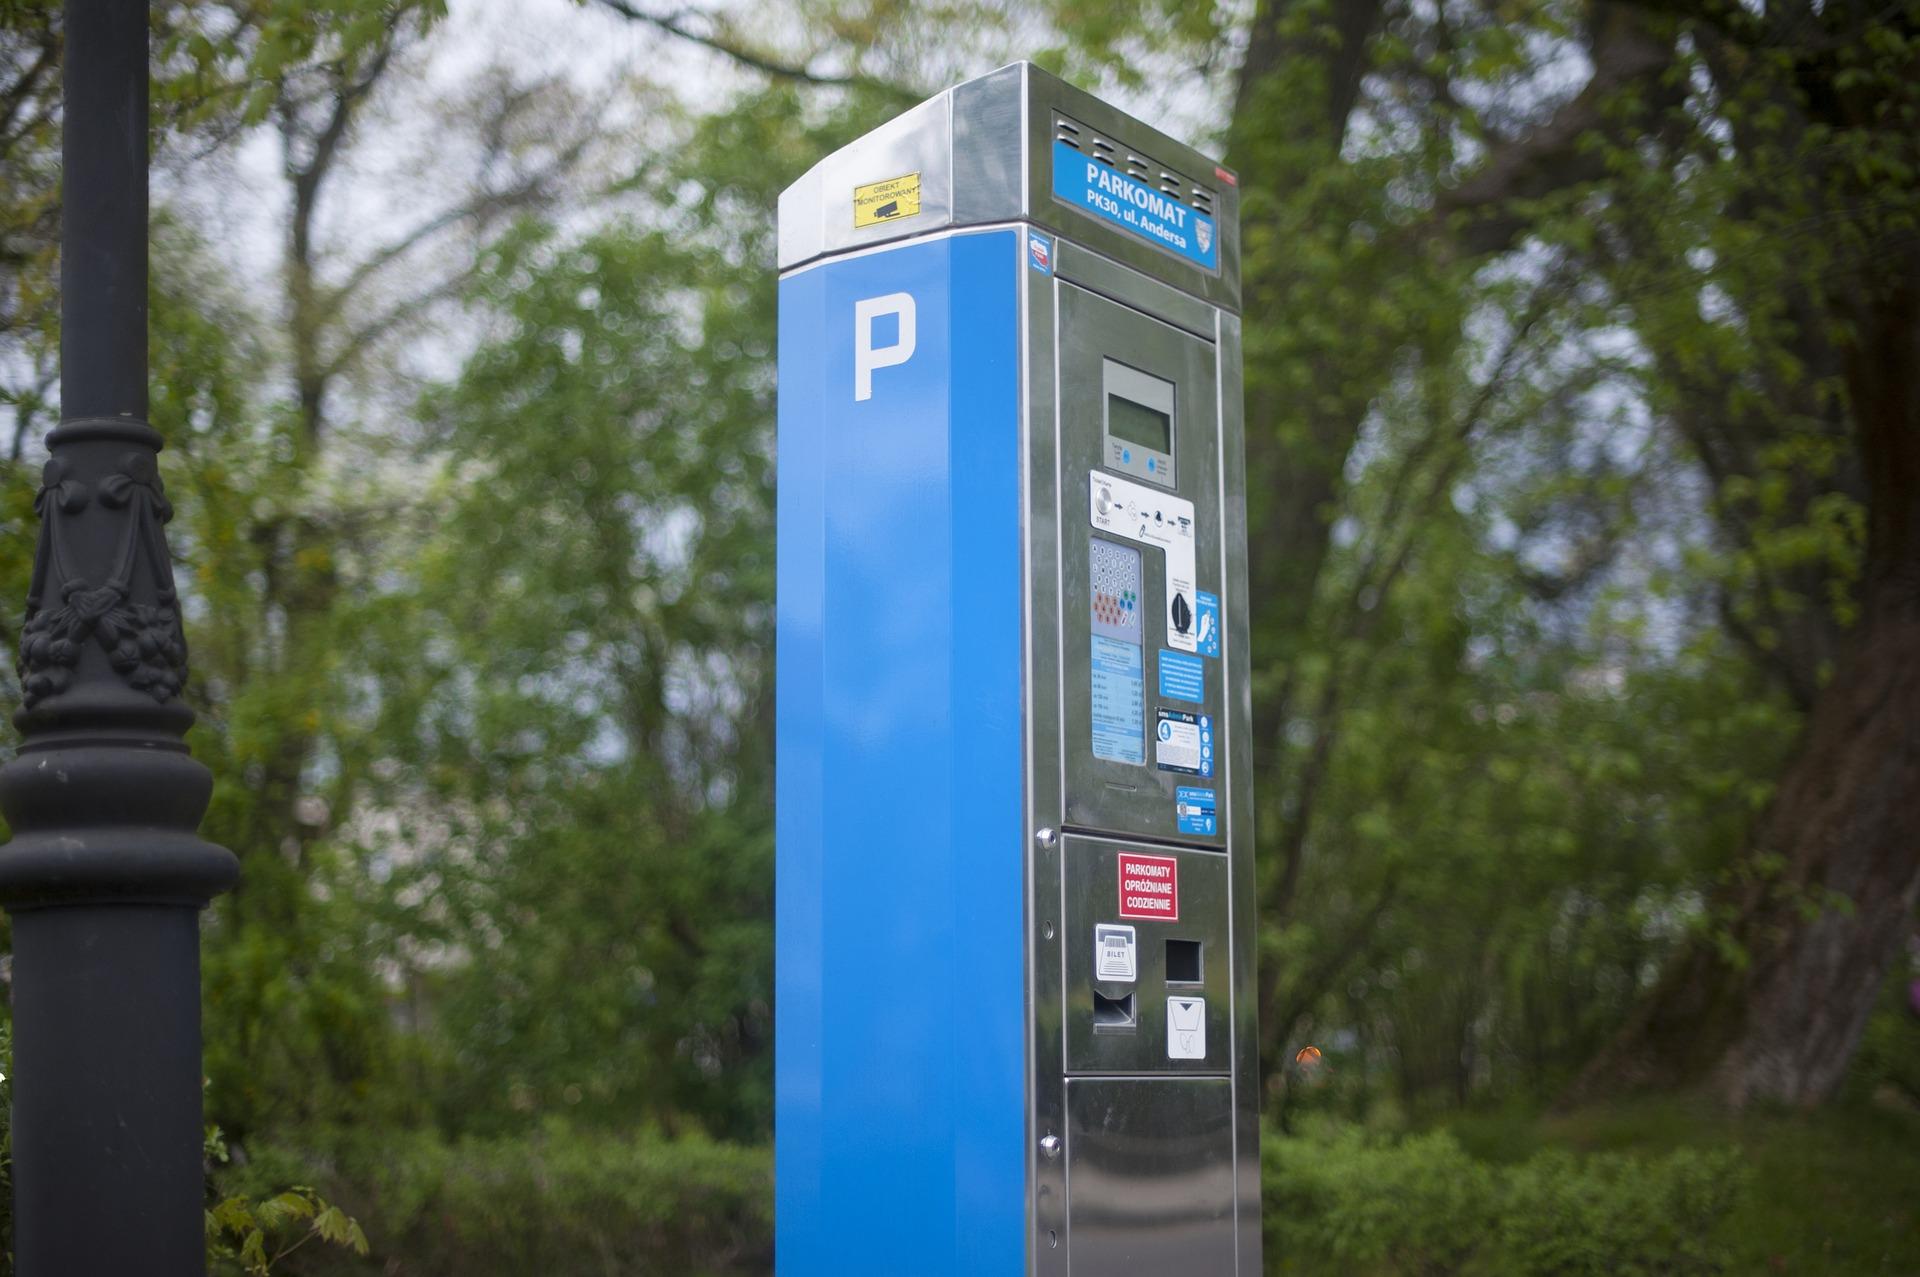 Wróciło płatne parkowanie. Abonament pięć razy wyższy niż w Warszawie? - Zdjęcie główne